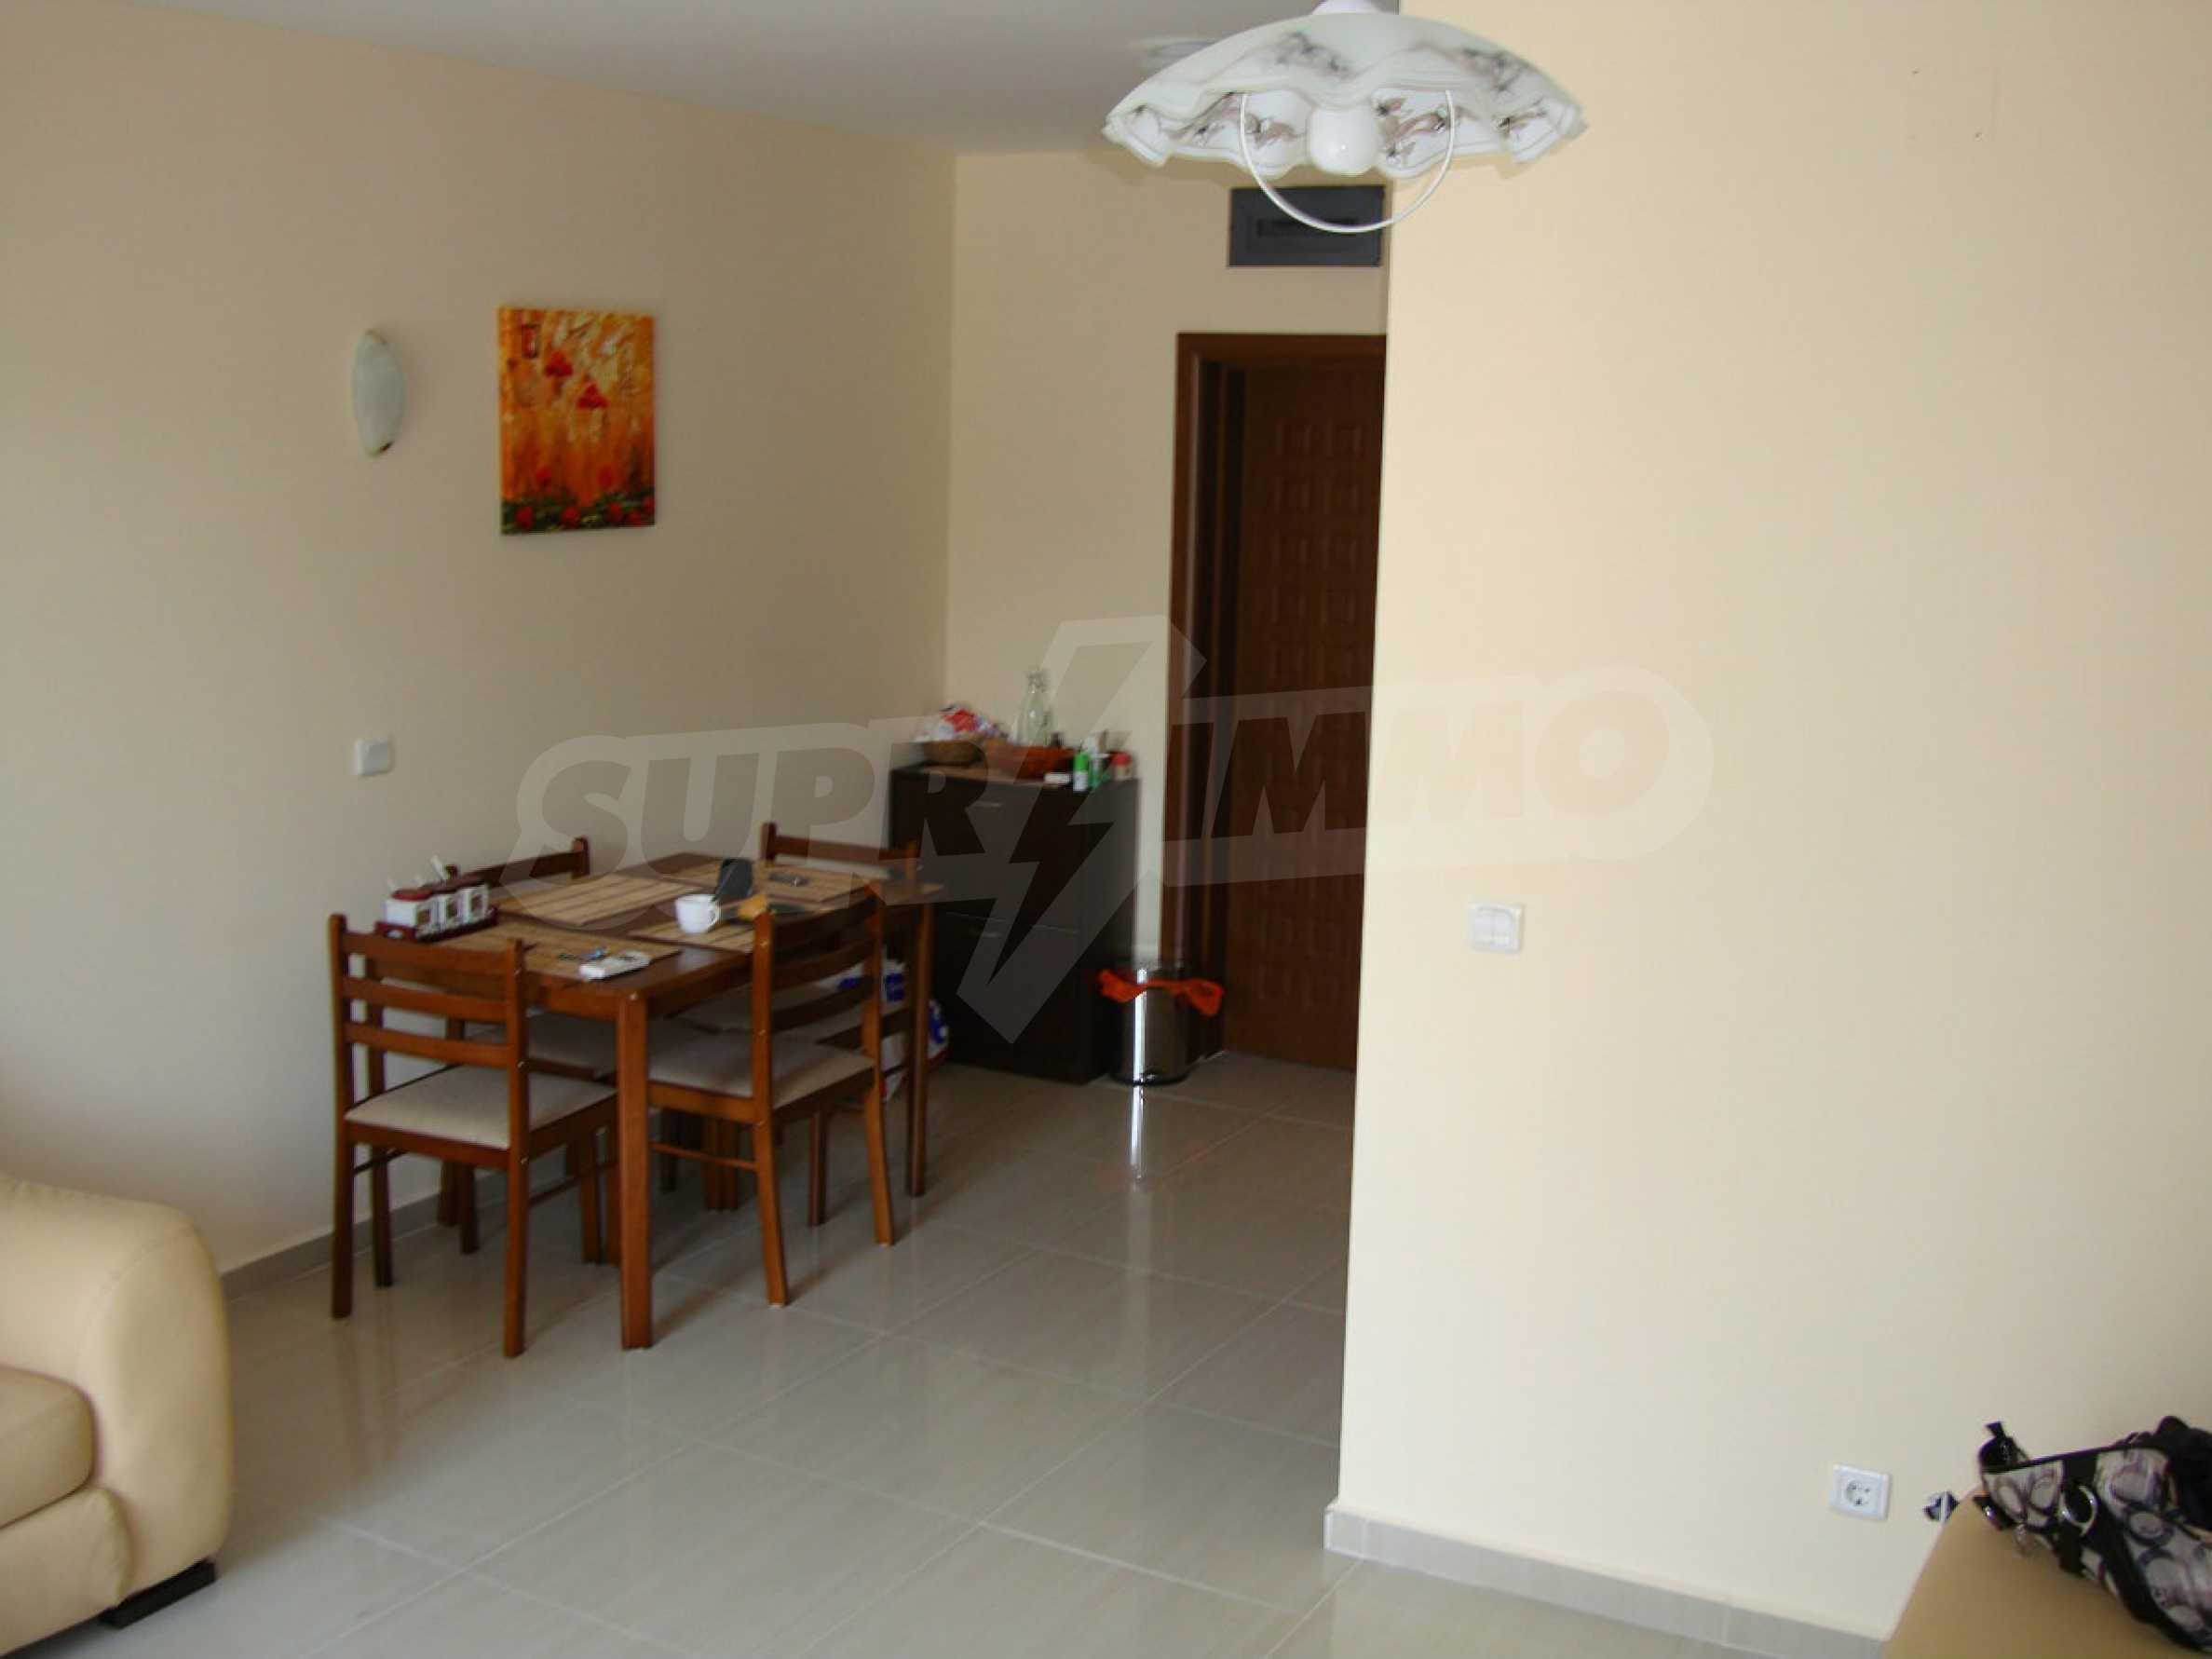 Studio for sale in Mida complex in Sunny Beach 8